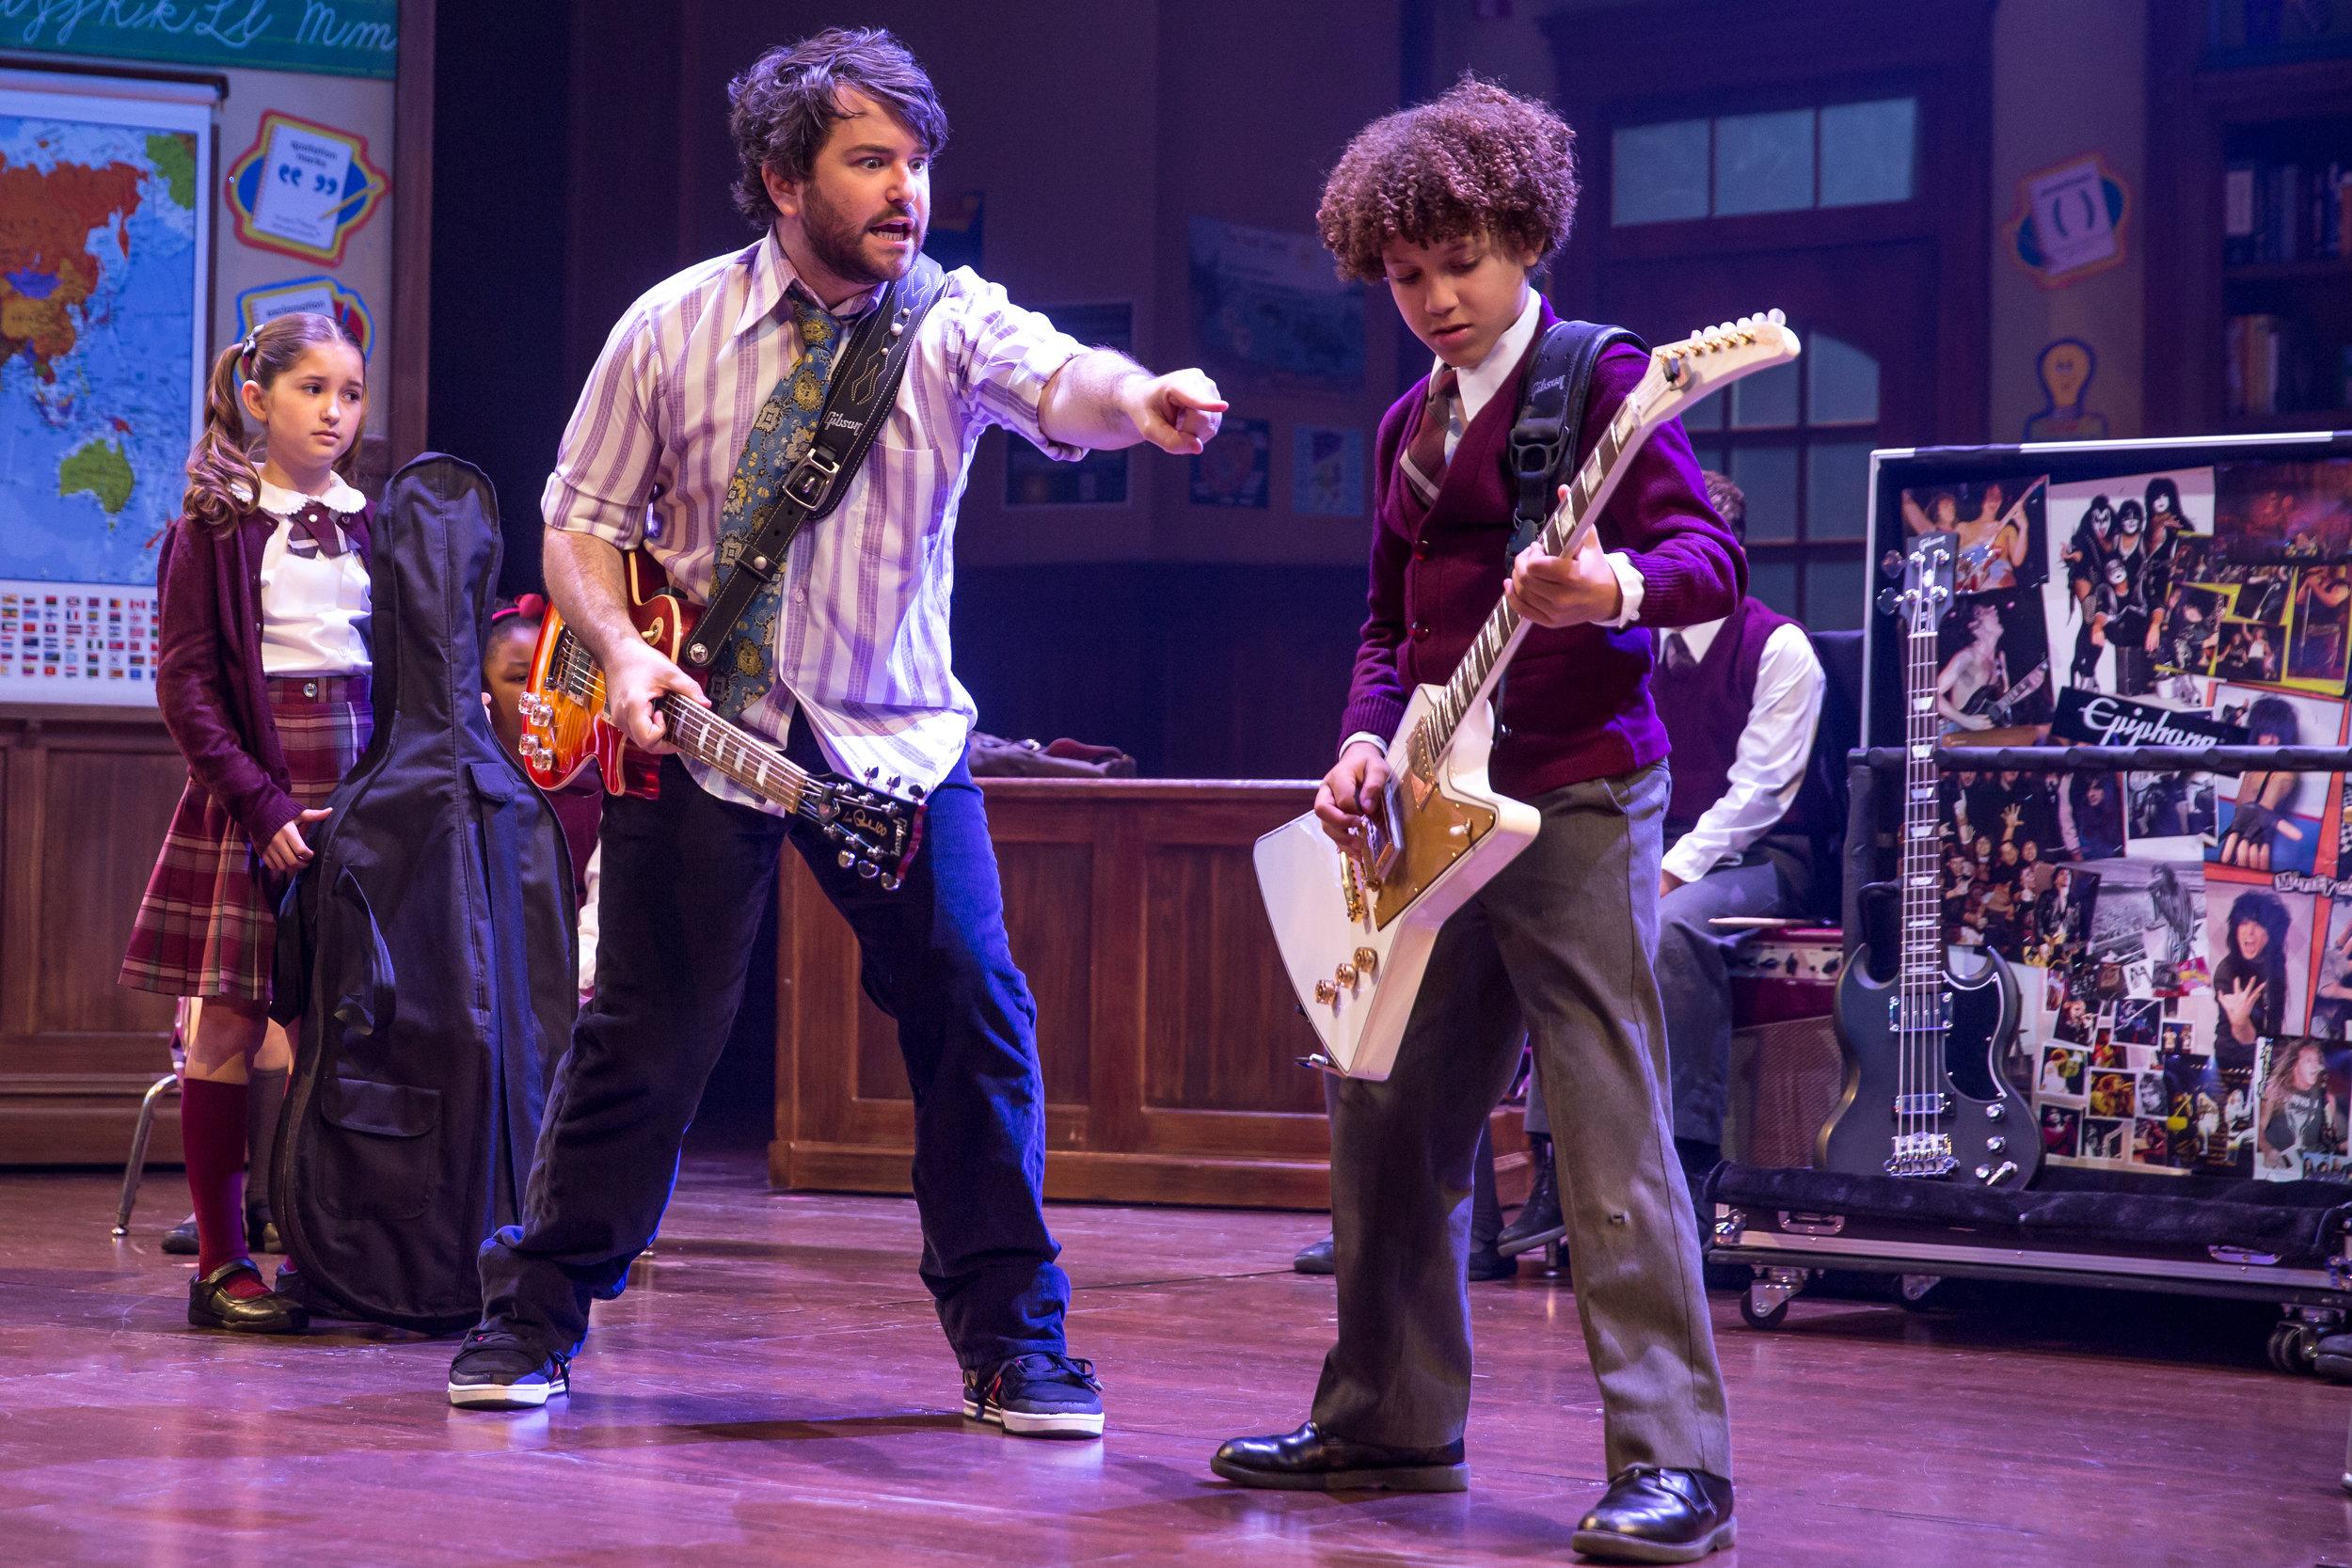 Evie_Dolan__Alex_Brightman__and_Brandon_Niederauer_in_School_of_Rock_-_The_Musical_Photo_by_Matthew_Murphy.jpg